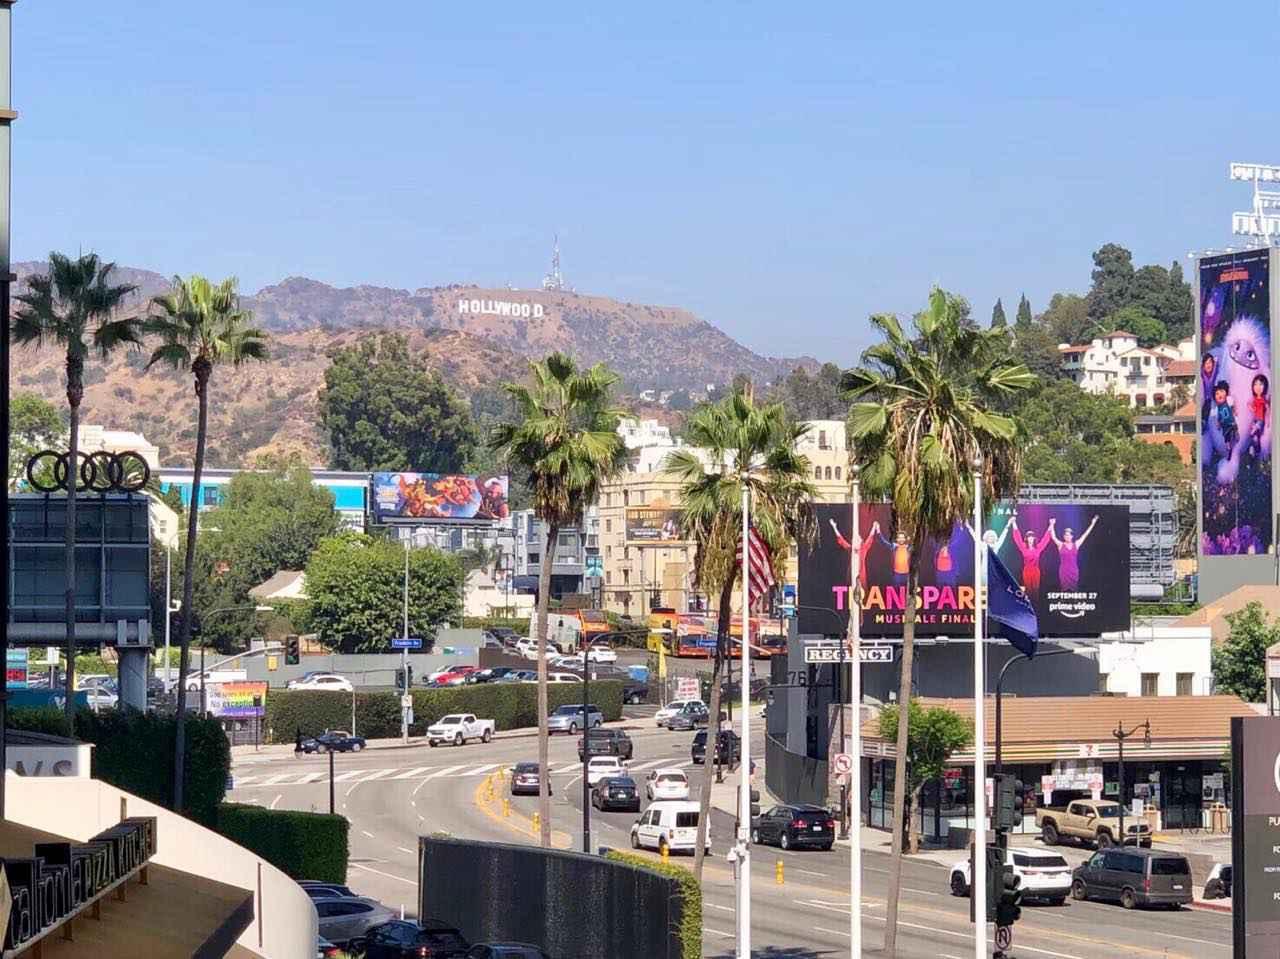 画像2: 映画の聖地 Hollywood(ハリウッド)。ハリウッドサインを見るならHollywood & Highland Centerがおすすめ